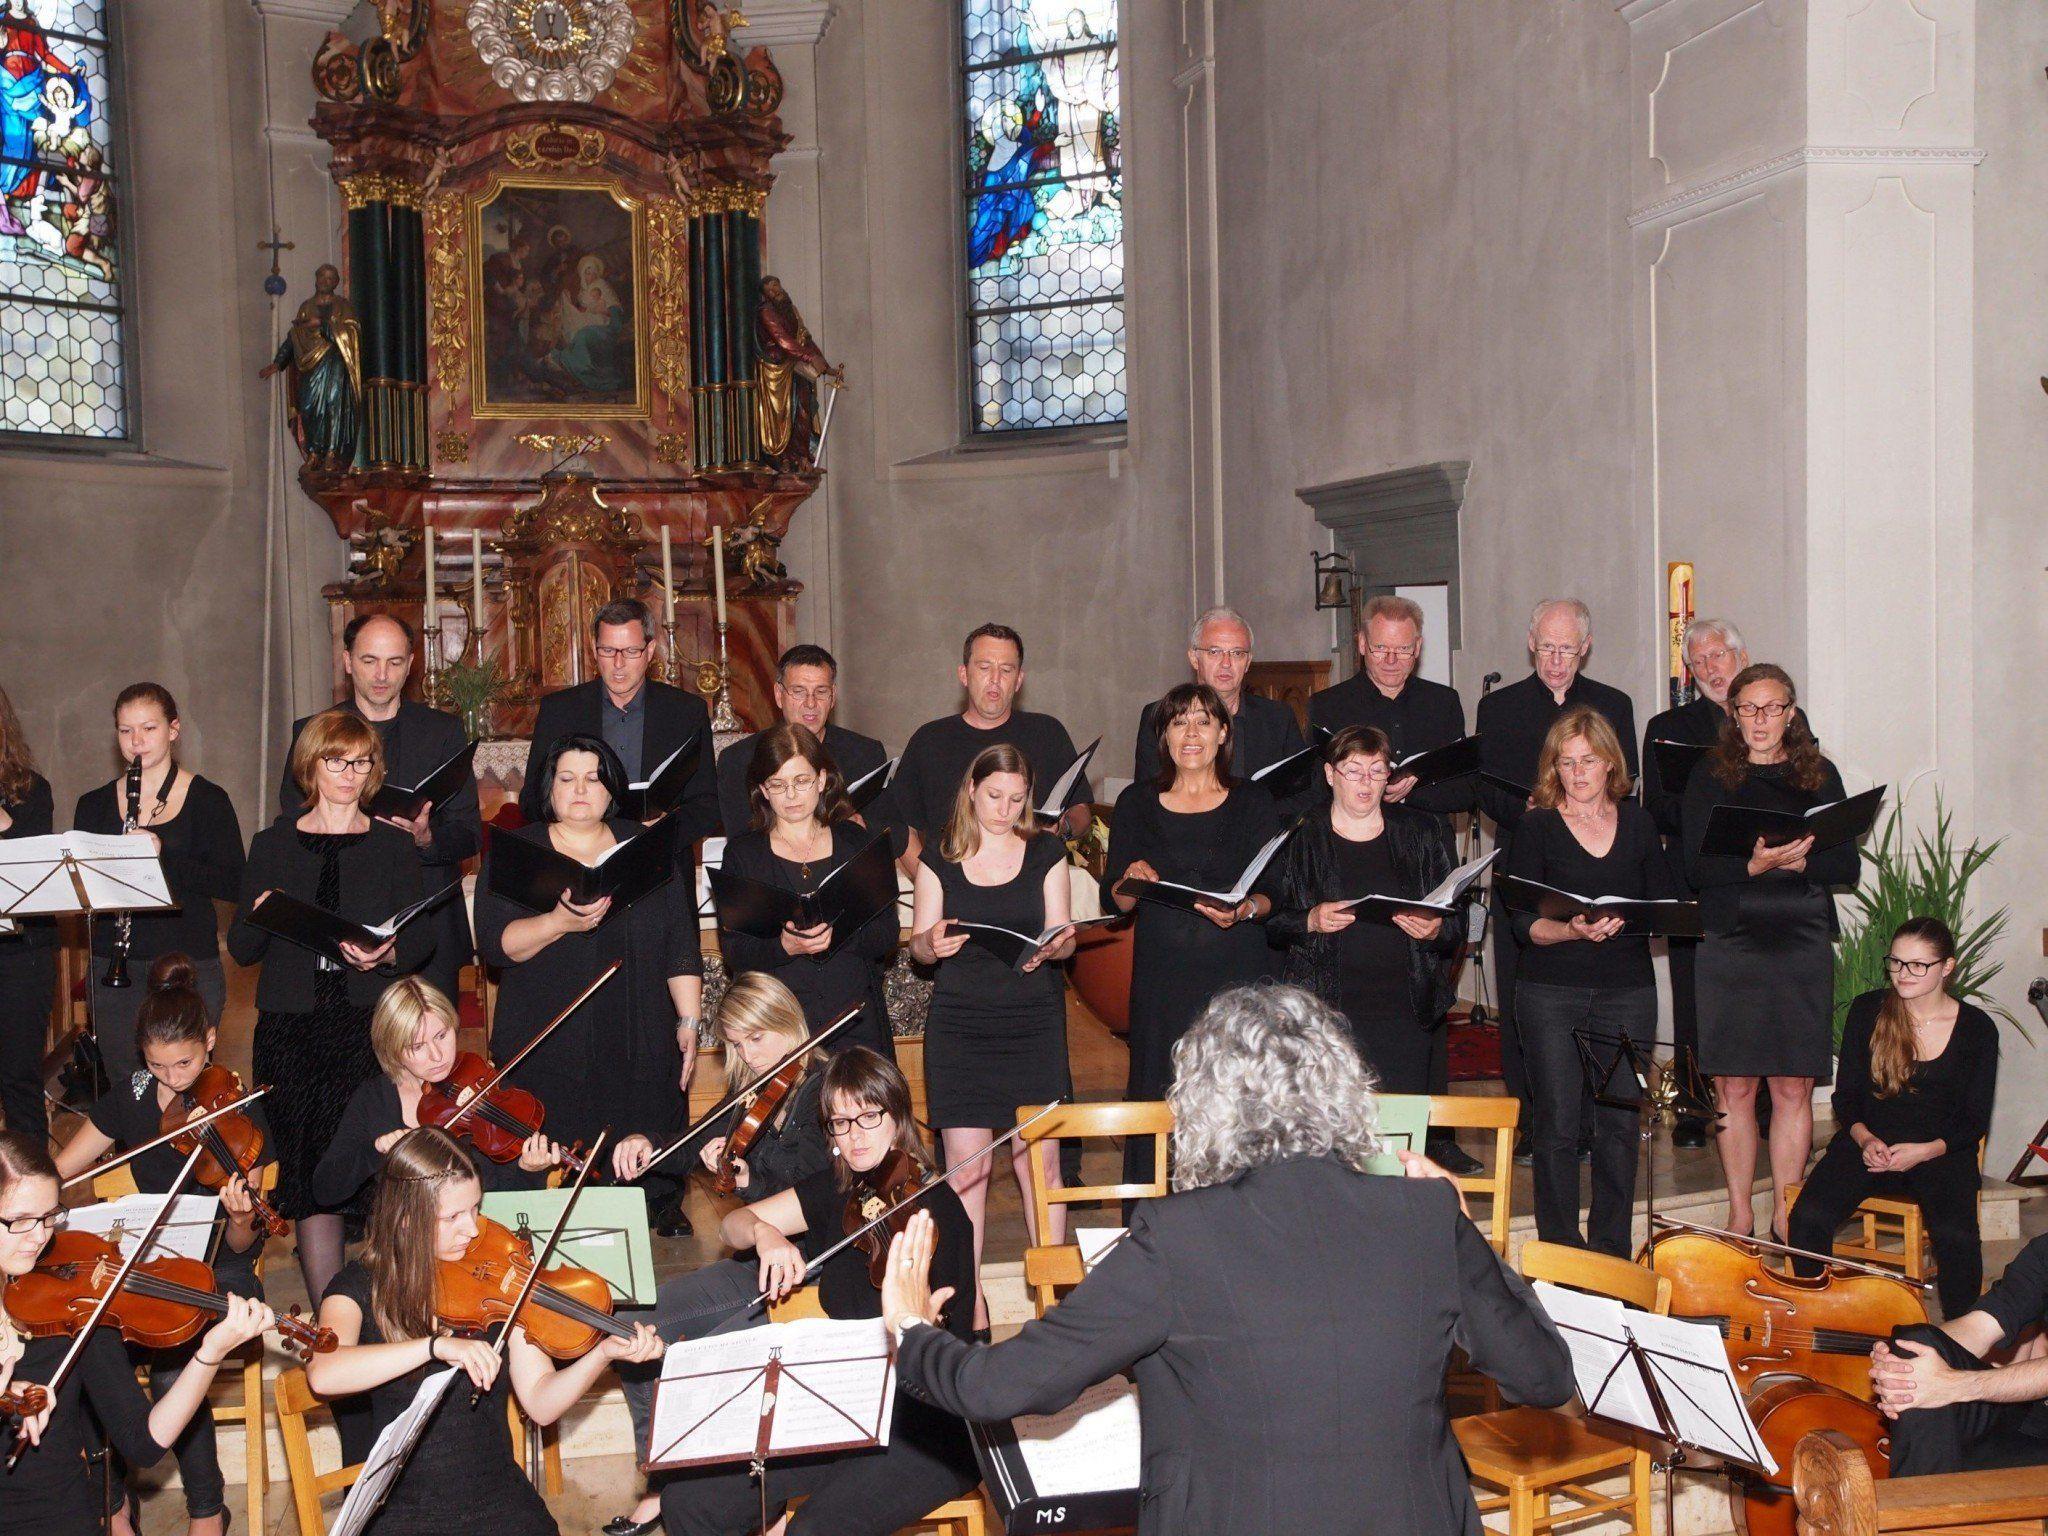 Ausgezeichnetes Konzert in der Wallfahrtskirche.